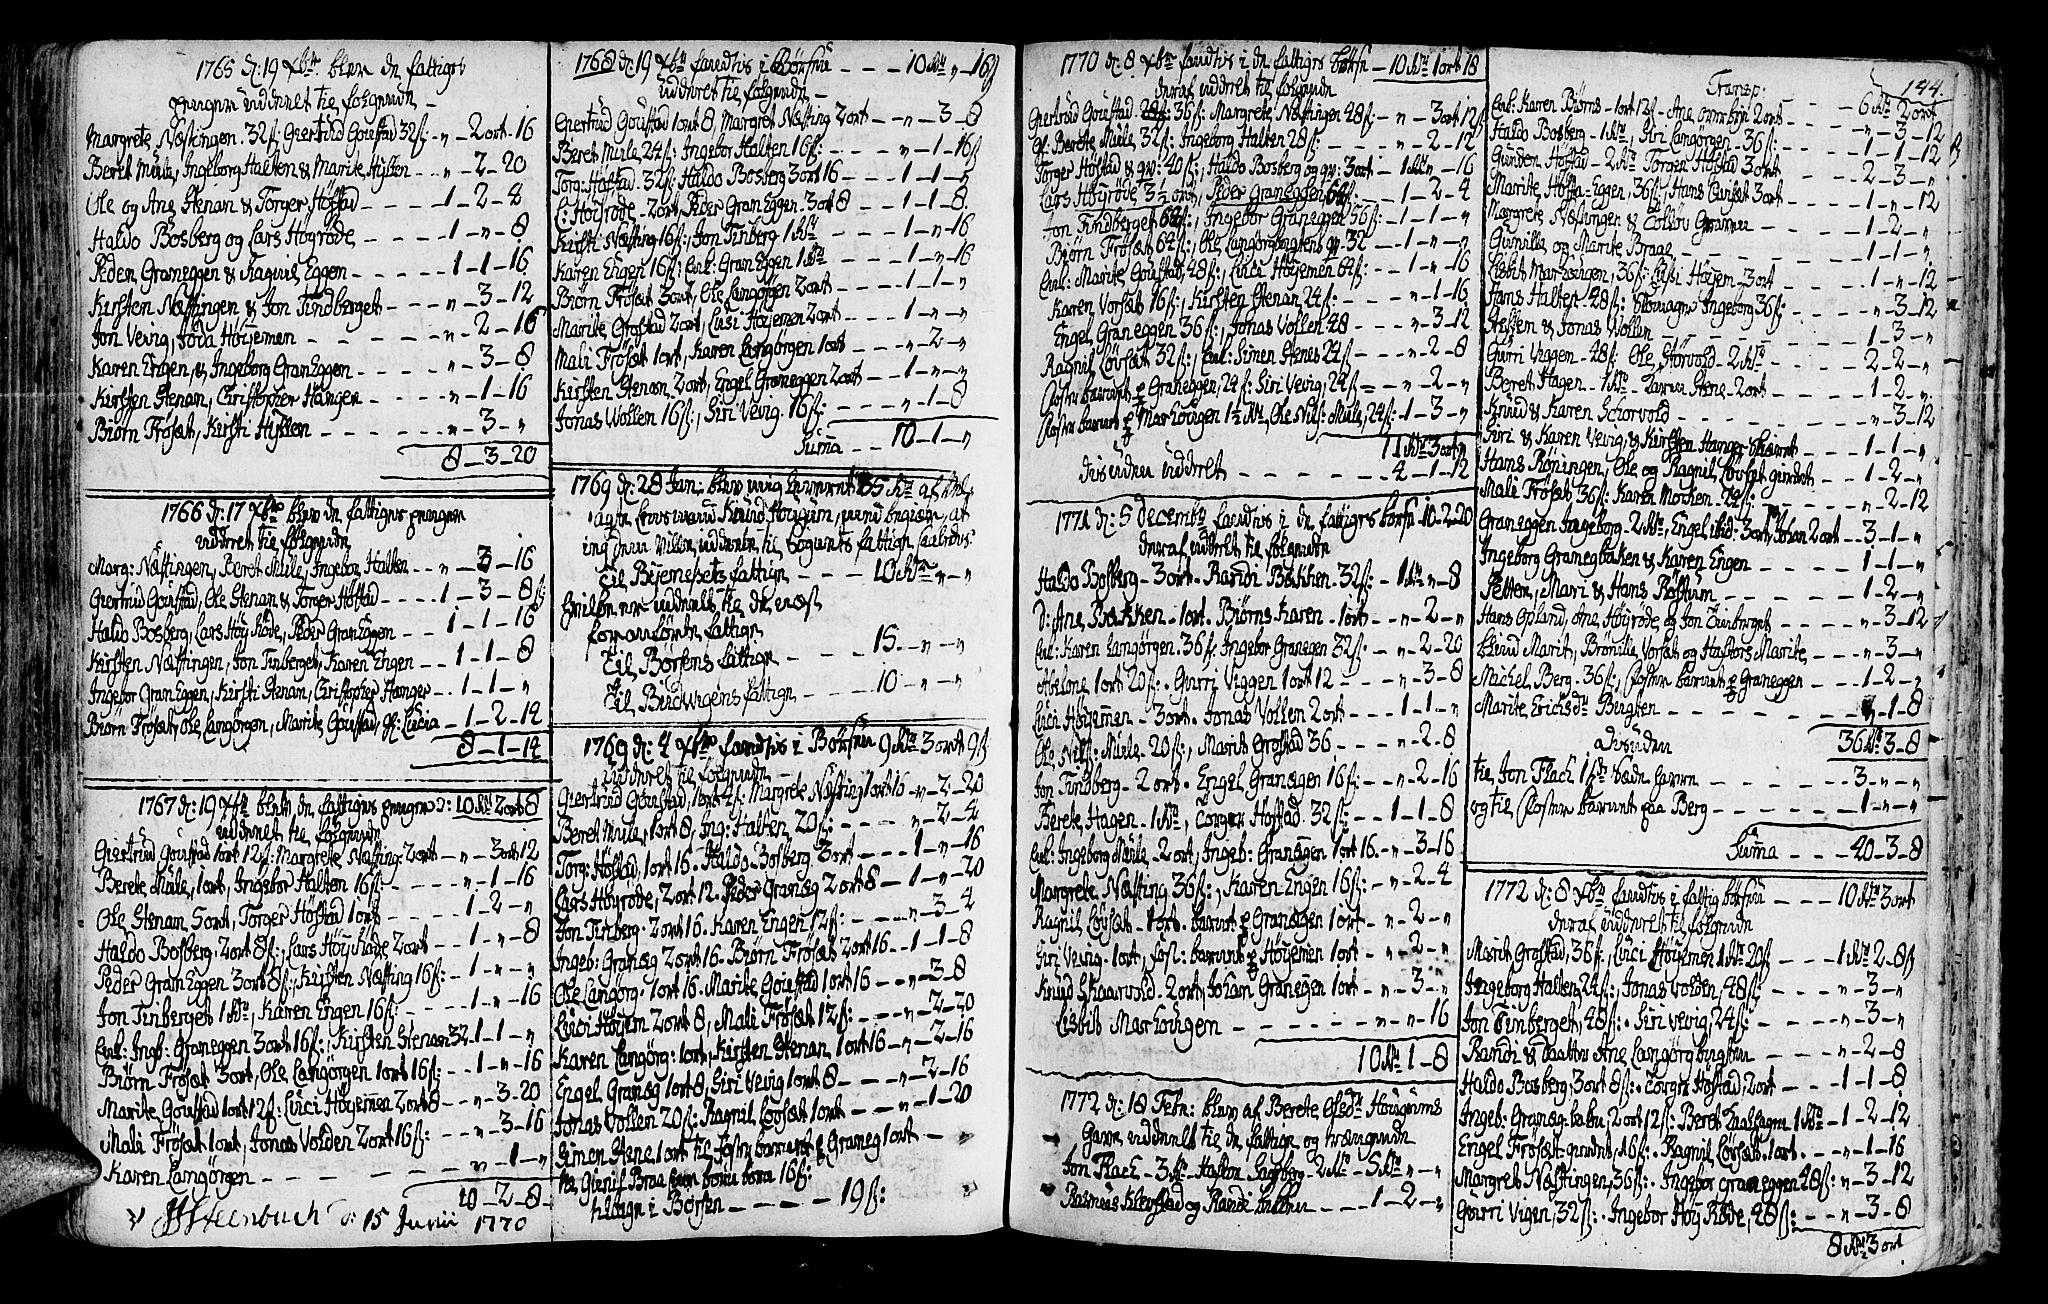 SAT, Ministerialprotokoller, klokkerbøker og fødselsregistre - Sør-Trøndelag, 612/L0370: Ministerialbok nr. 612A04, 1754-1802, s. 144